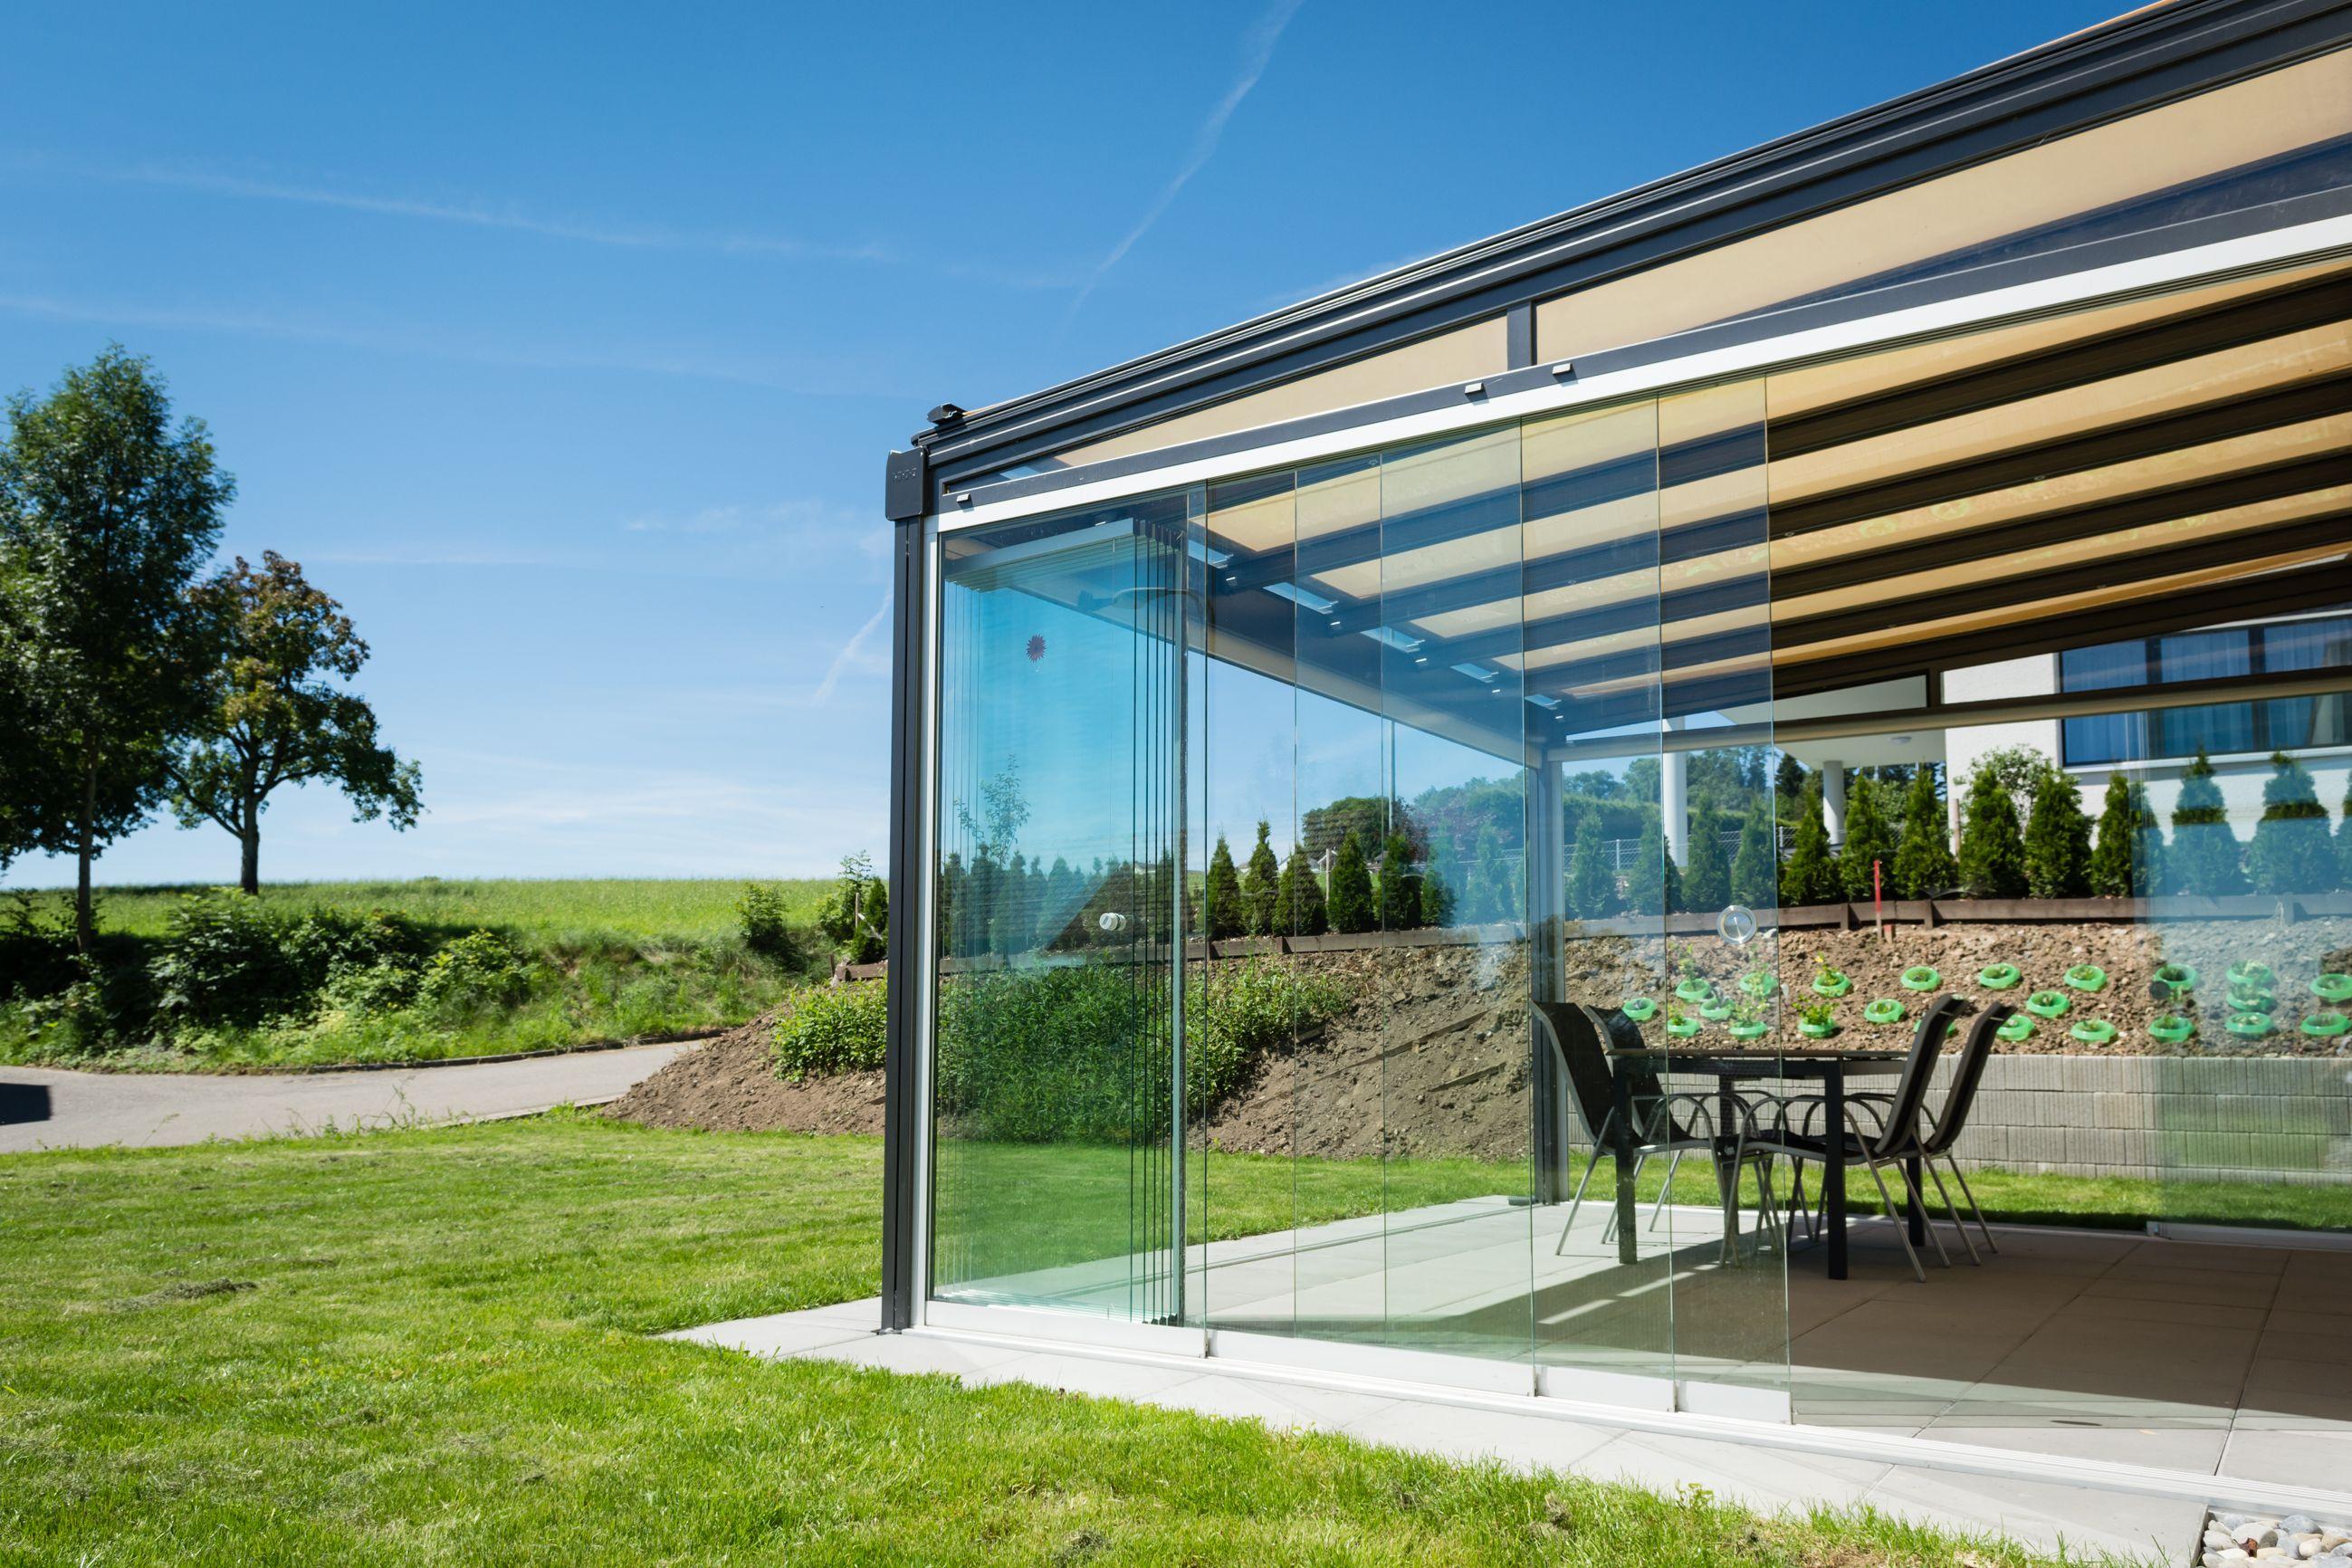 Kaltwintergarten Schiebeelemente ~ Die neuen ganzglas schiebeelemente von klaiber kalt wintergarten